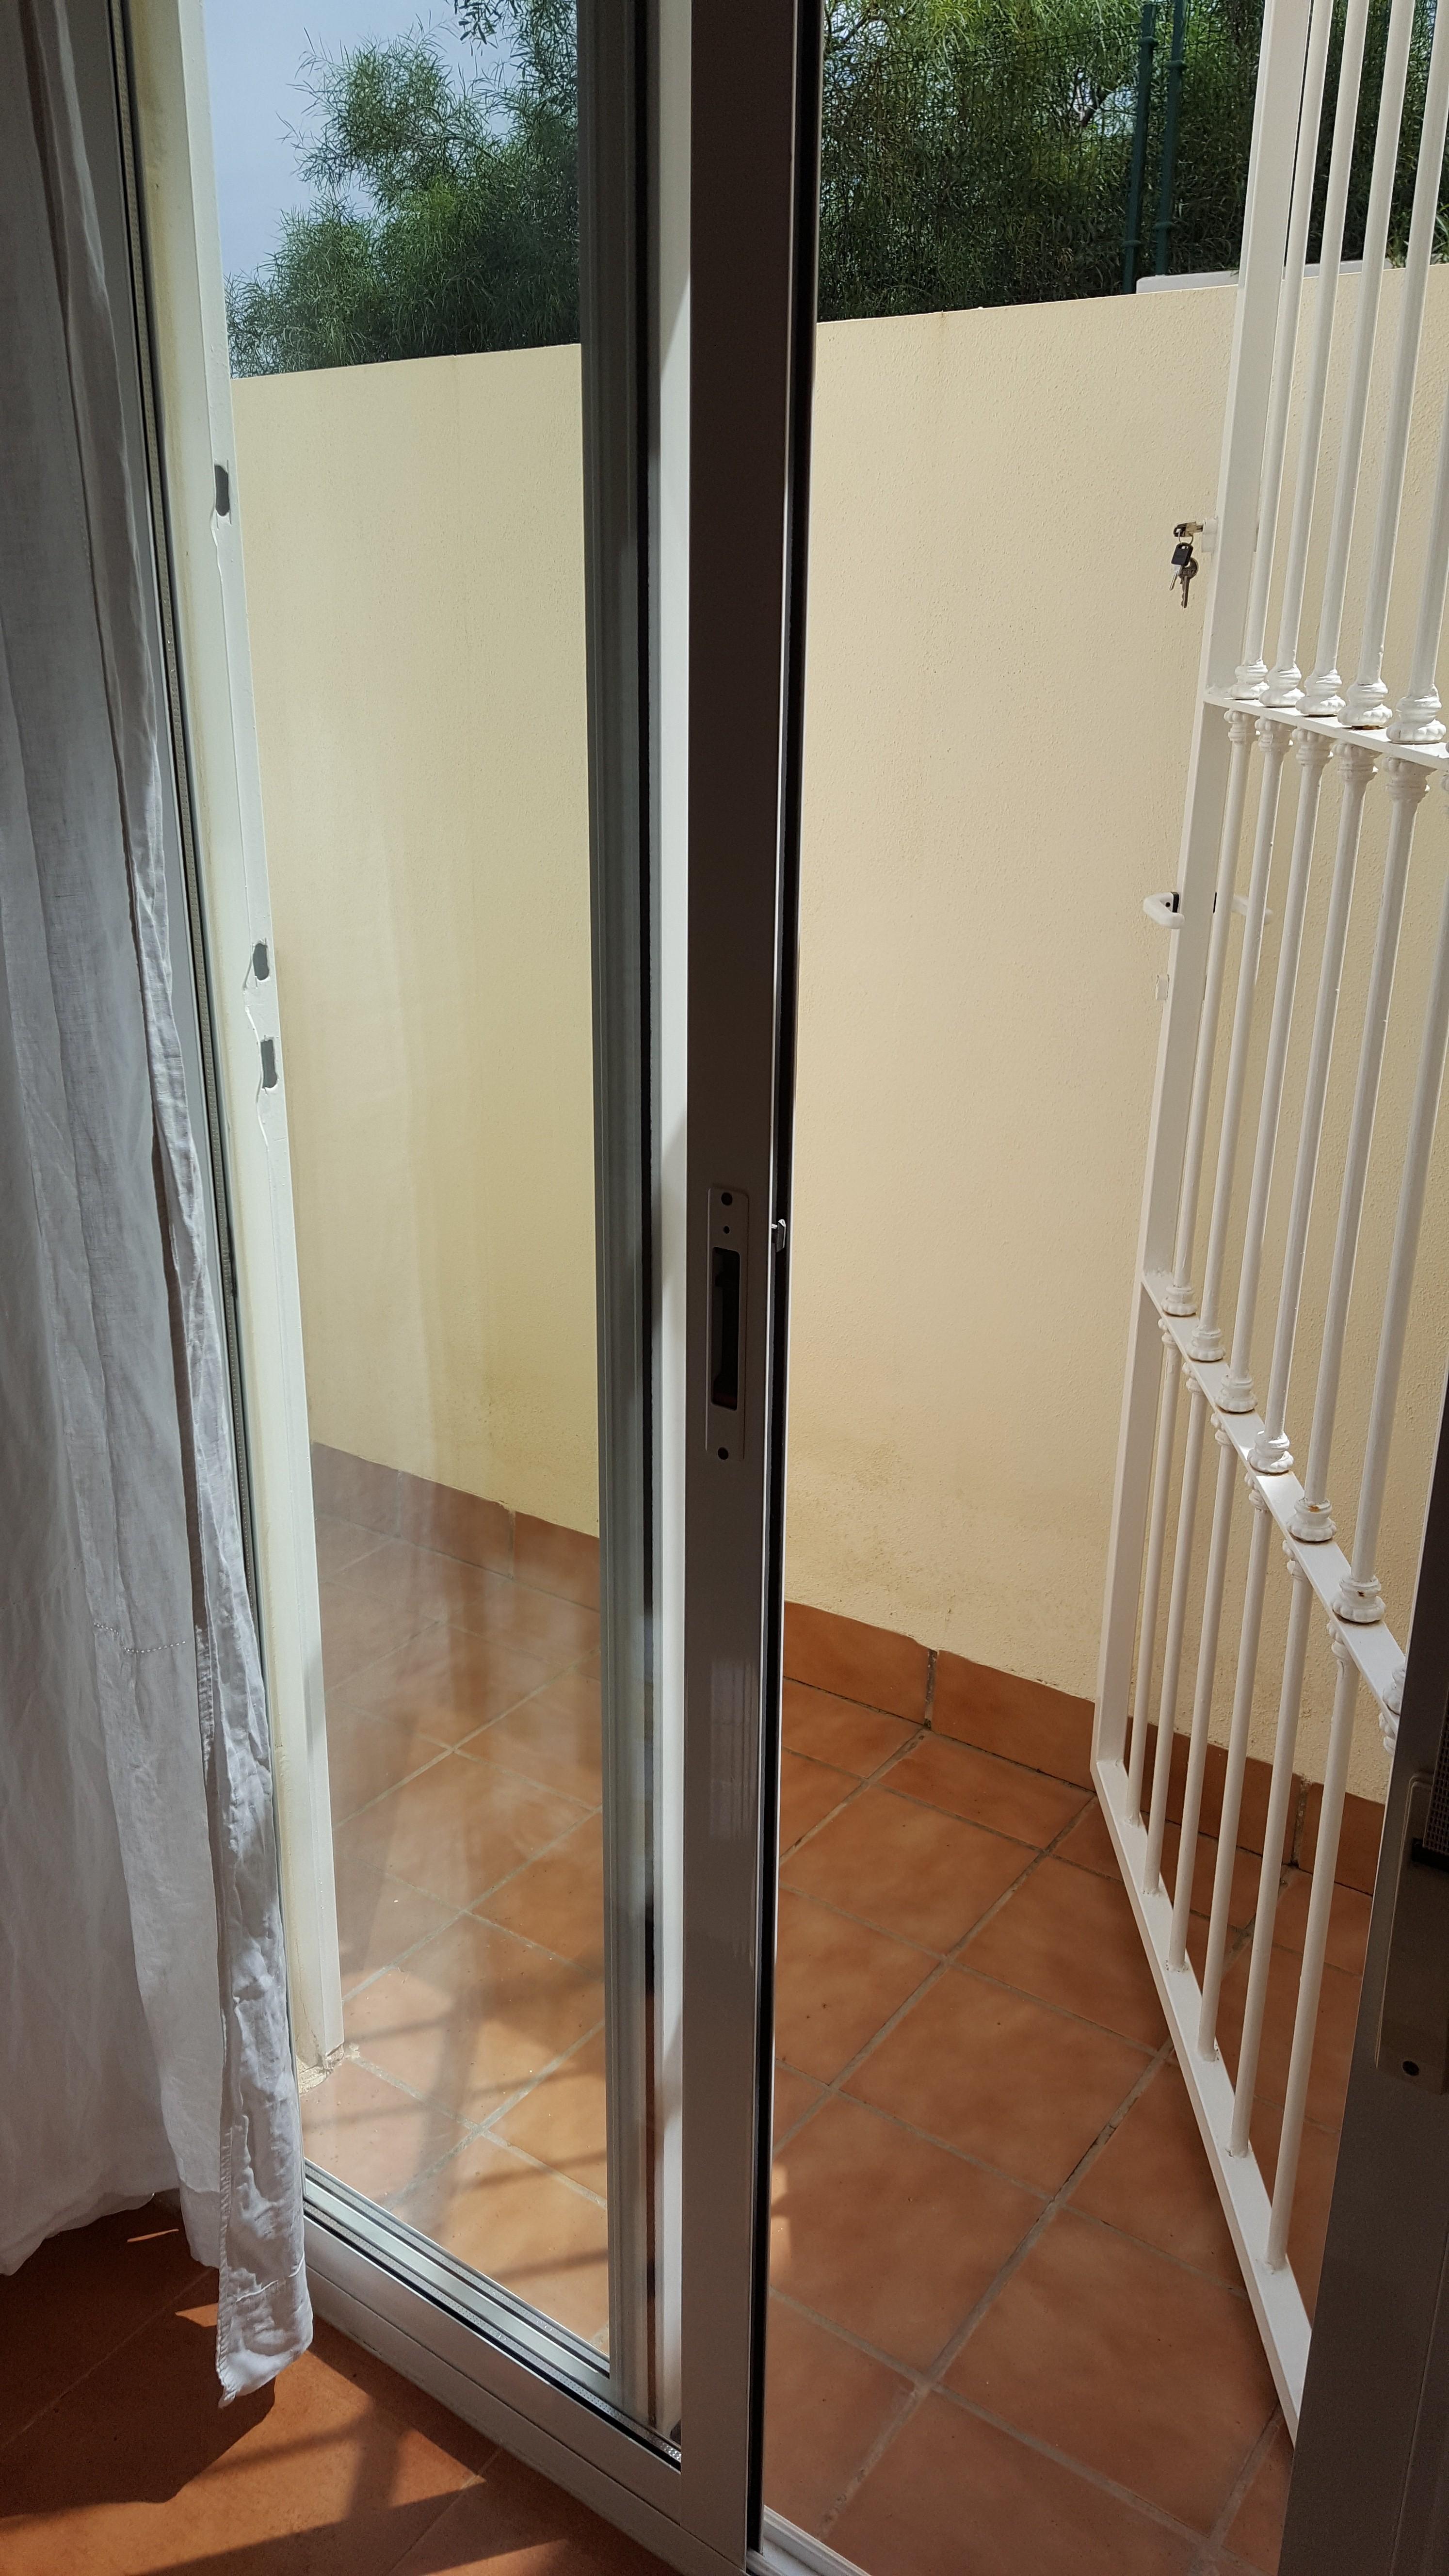 Ferienwohnung 3 Schlafzimmer Wohnung zu vermieten in Mojcar, Spanien (2388895), Mojacar, Costa de Almeria, Andalusien, Spanien, Bild 17